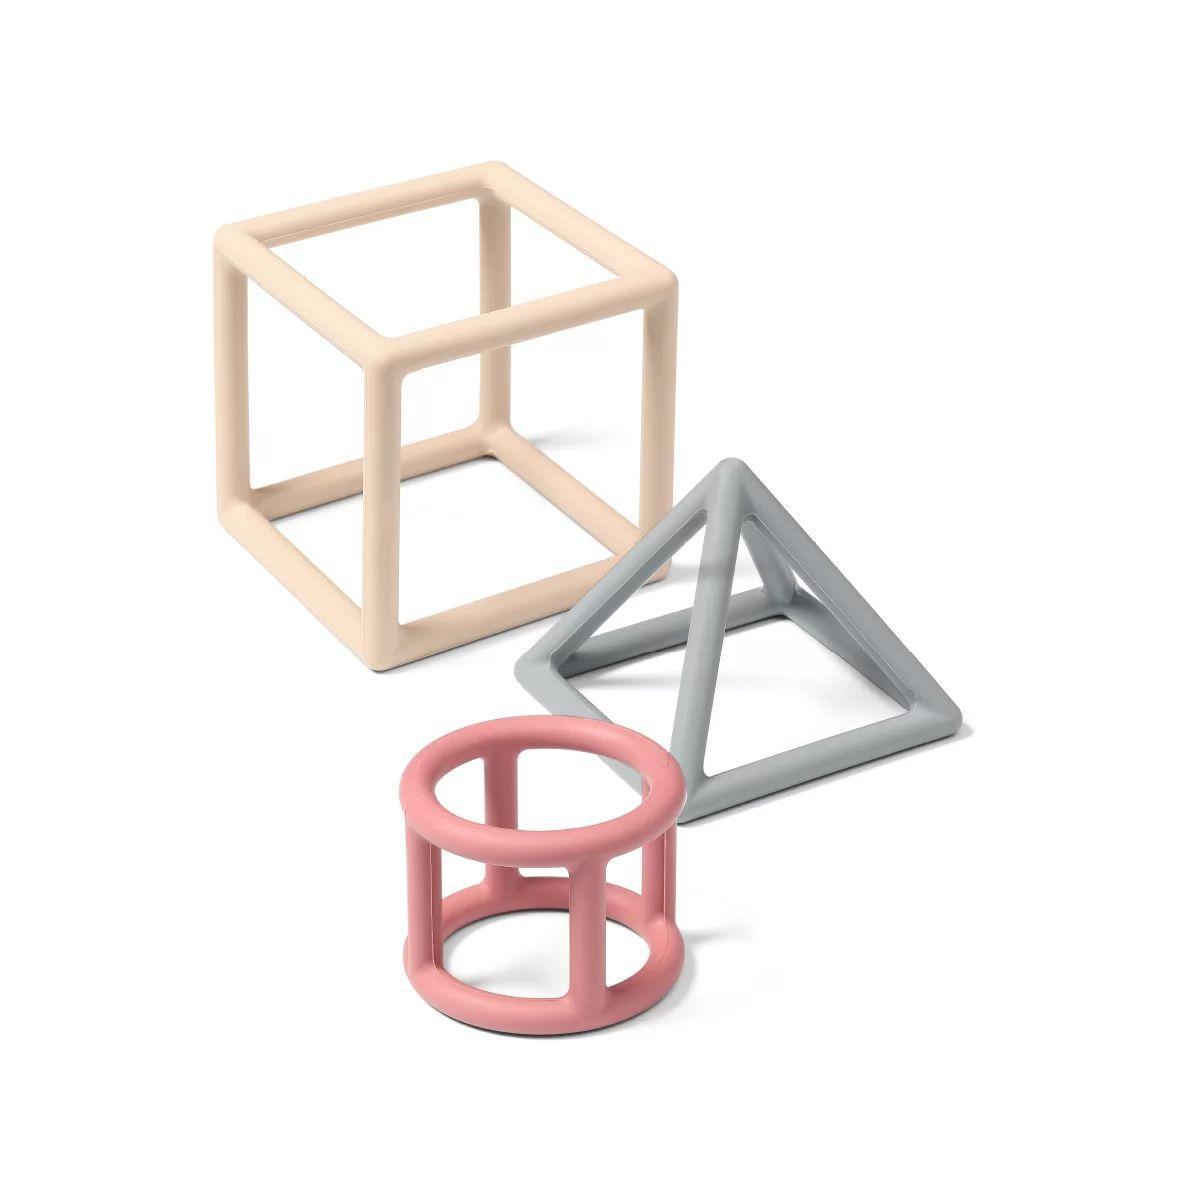 Набор прорезывателей для зубов обучающий BabyOno Геометрия (розовый, серый, кремовый) (514/02)